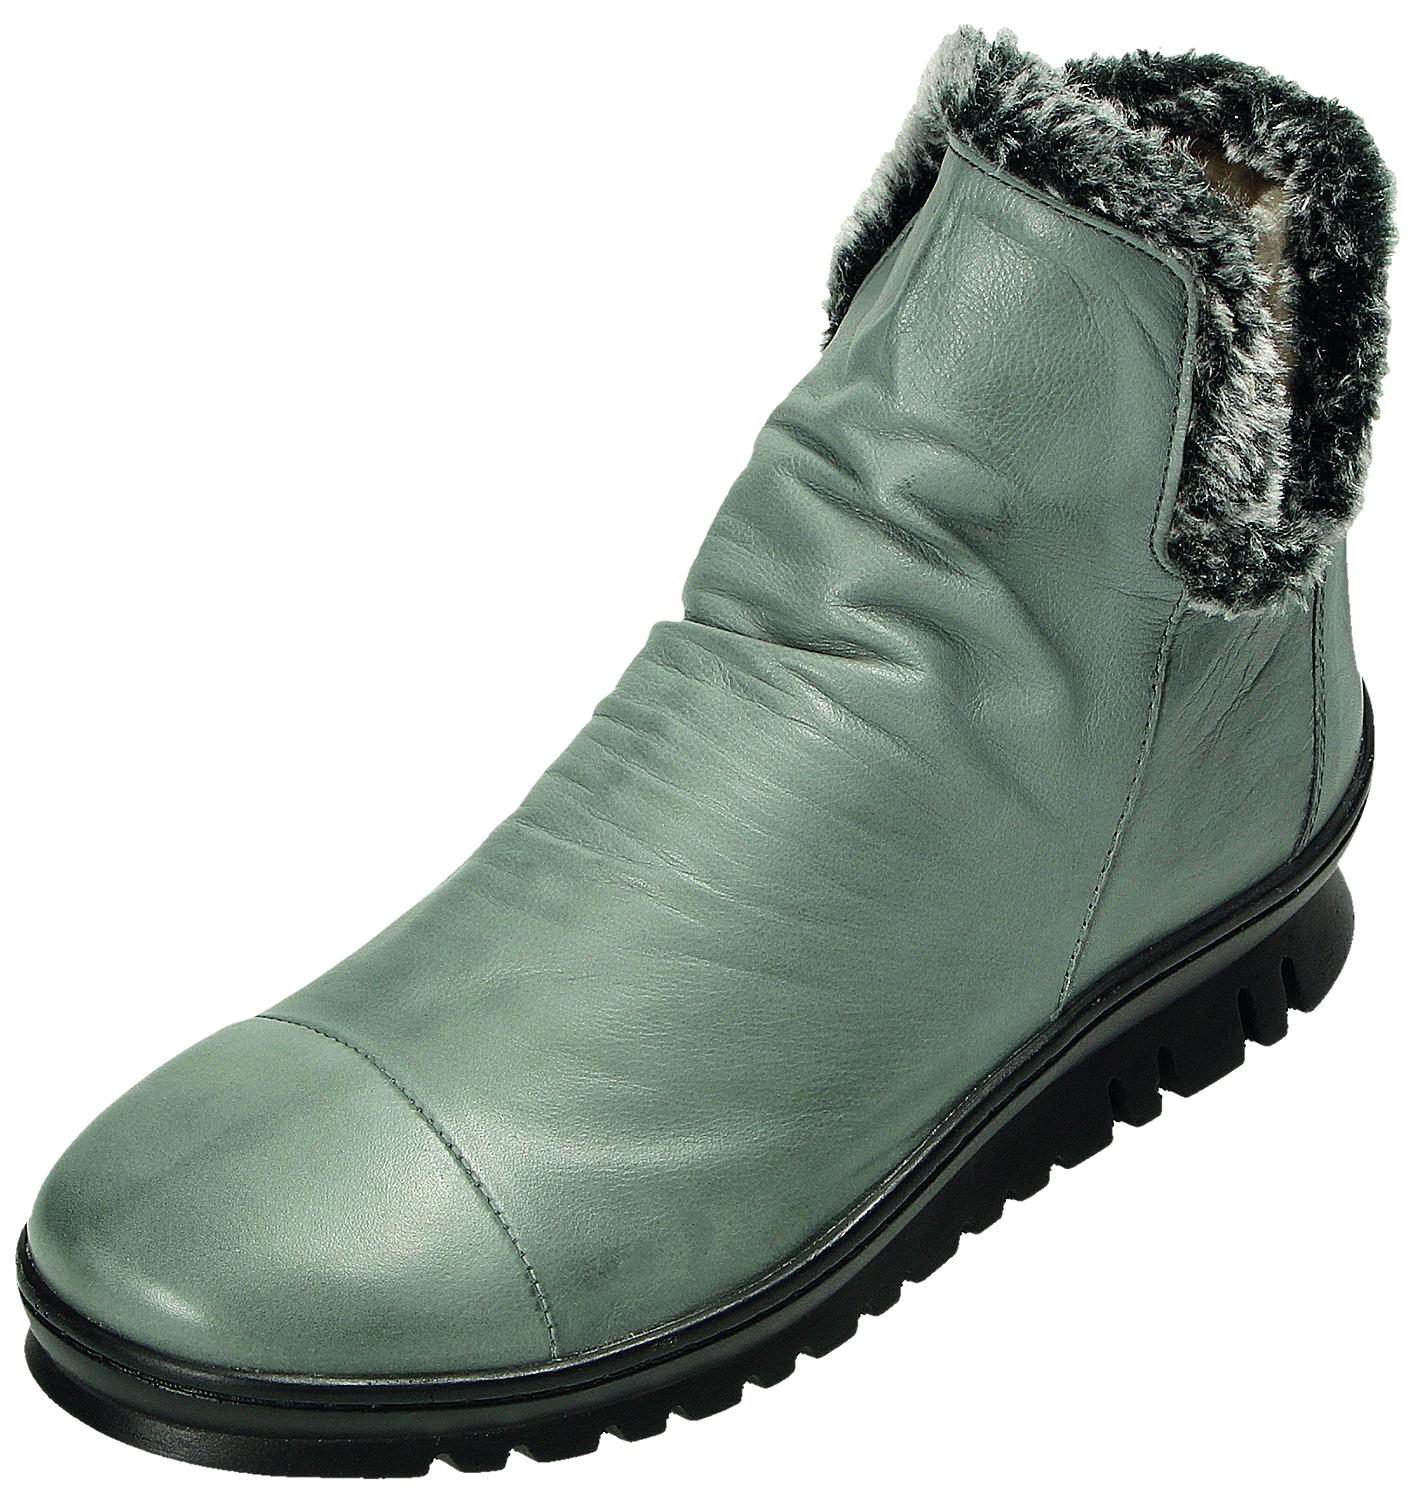 Miccos Miccos Miccos schuhe Damen Stiefel Stiefelette Damen-RV-Stiefel Grau 18510 TOPO a9be3f